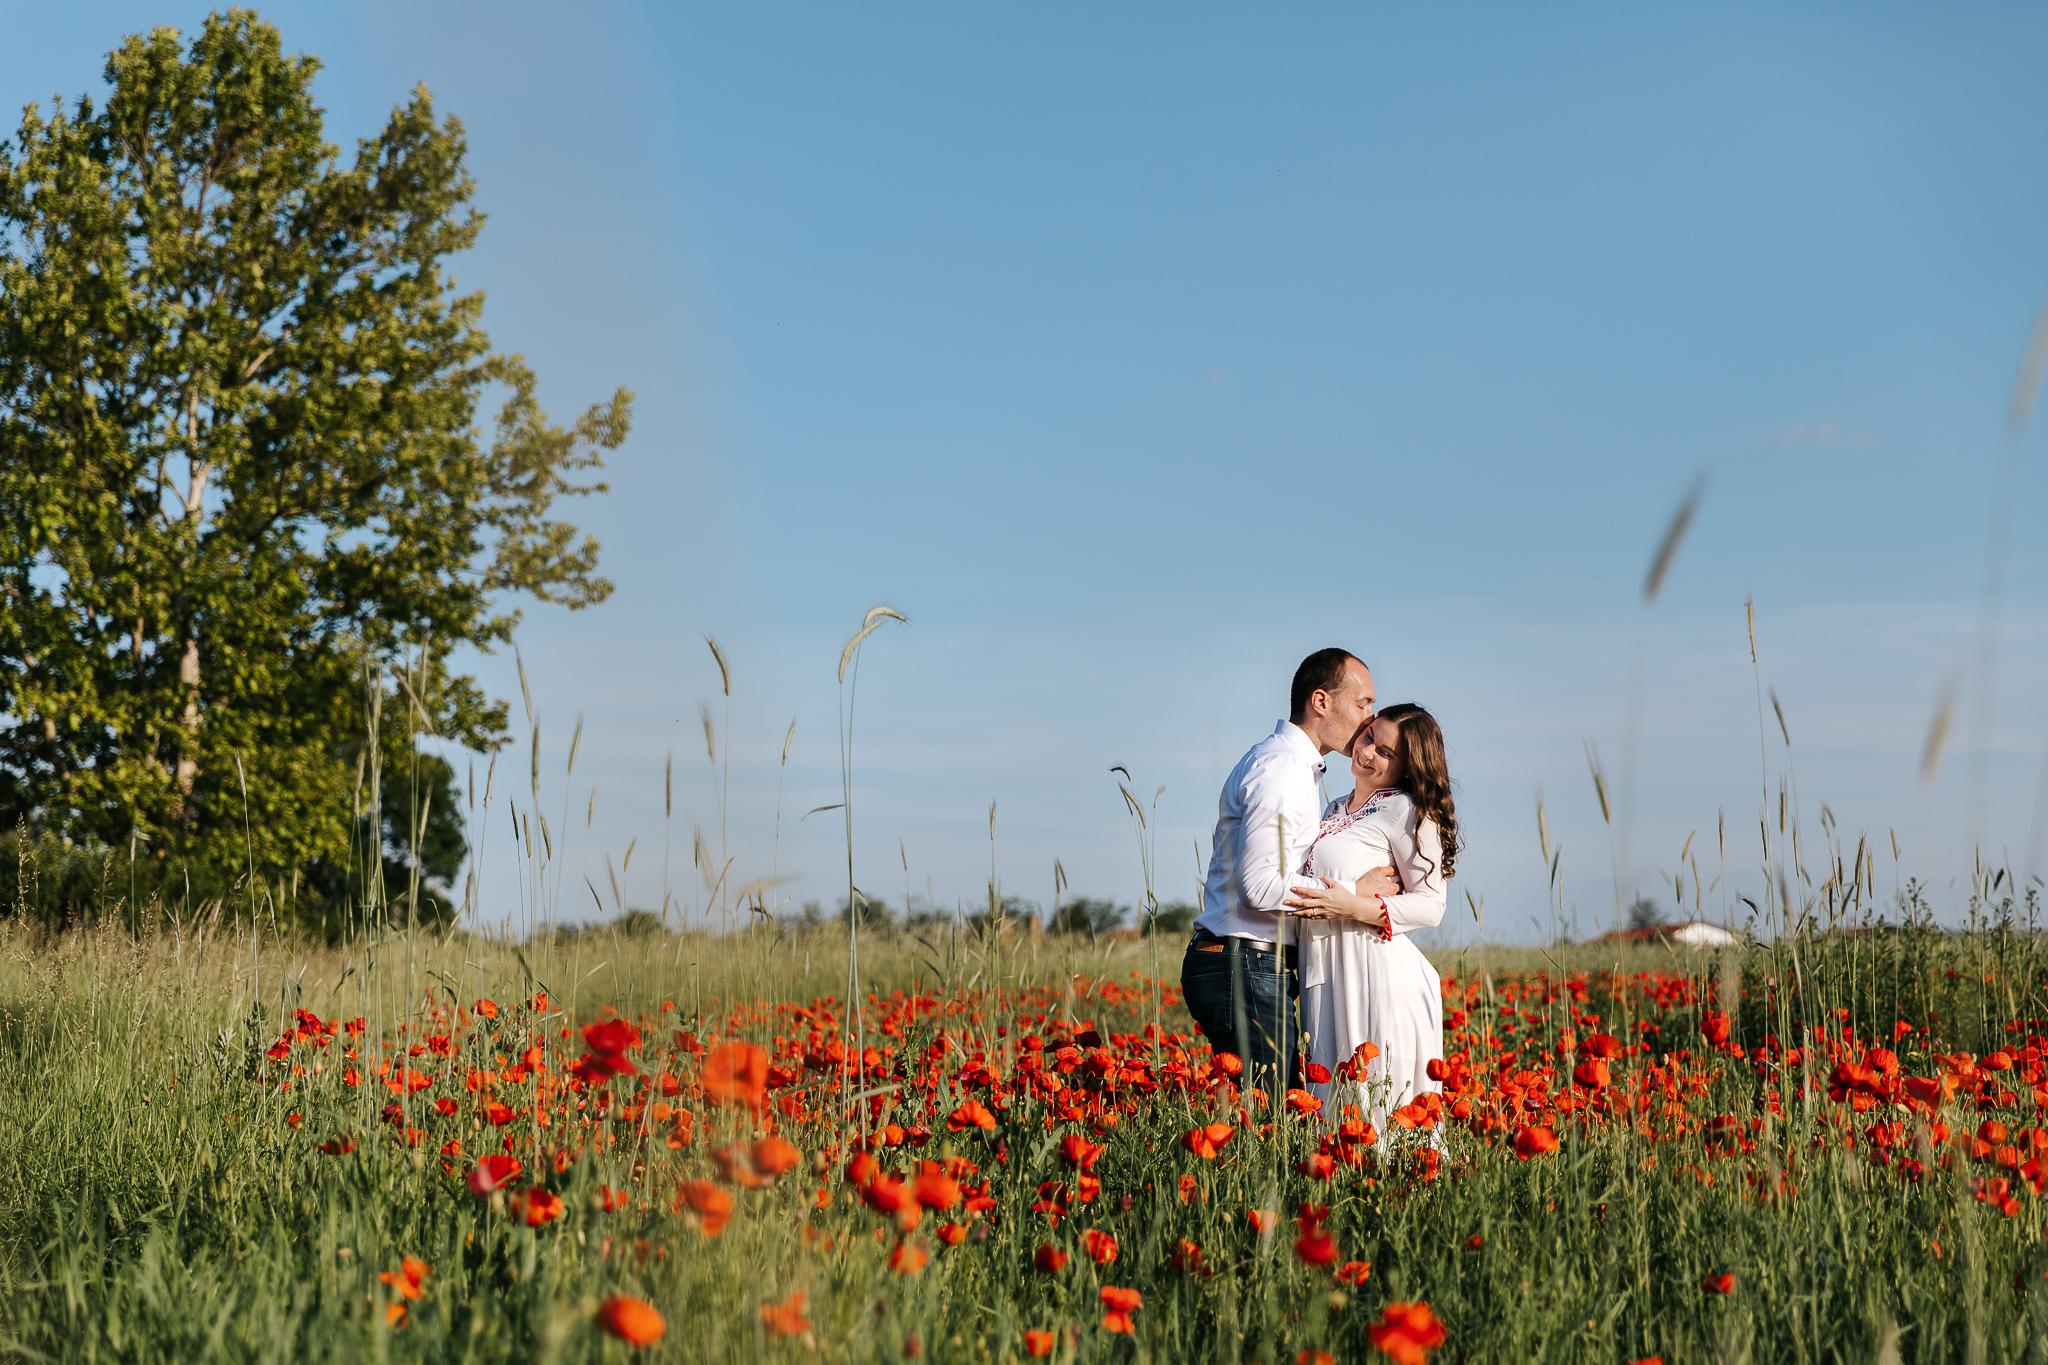 J_FylepPhoto, Esküvőfotós Vasmegye, Kismama, pocakfotó, Esküvő fotózás, Esküvői fotós, Körmend, Vas megye, Dunántúl, Budapest, Fülöp Péter, Jegyes fotózás, jegyes, kreatív, kreatívfotózás_070